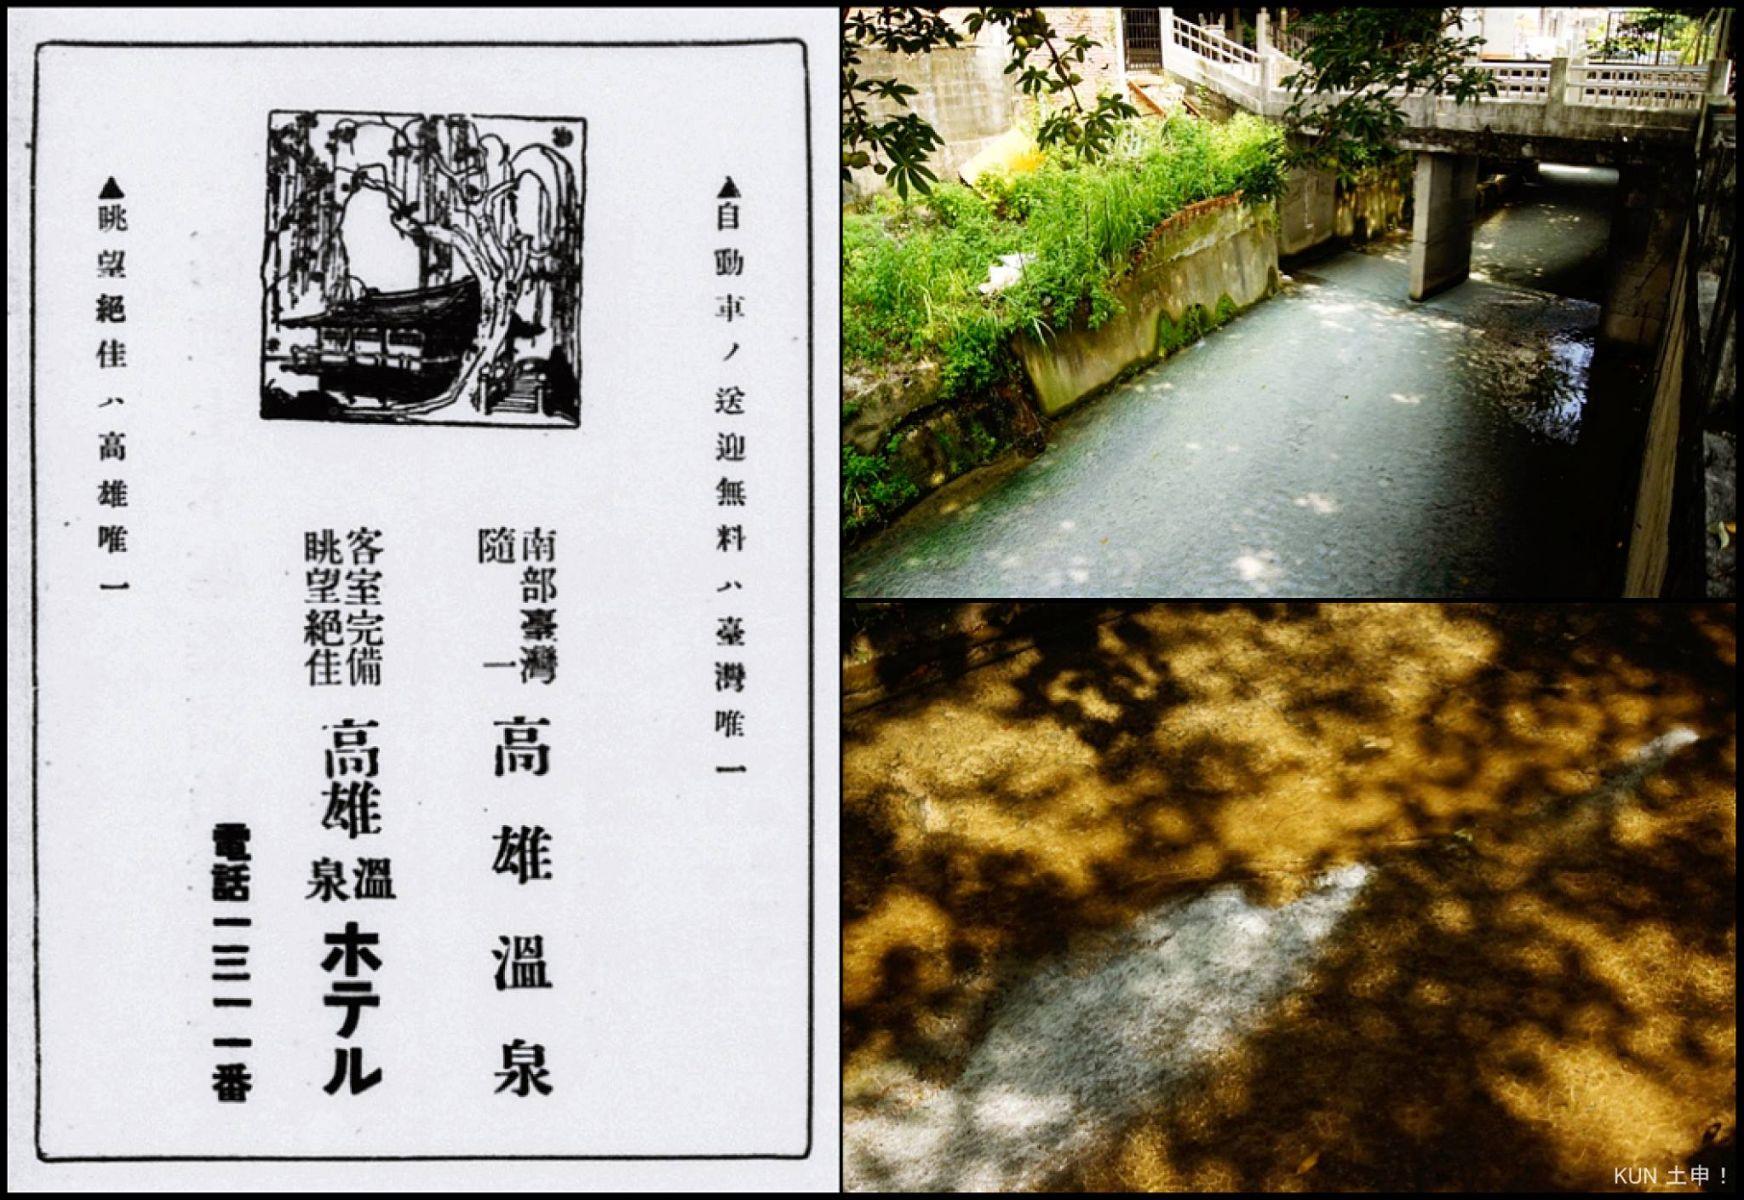 打狗文史再興會社理事陳坤毅針對「柴山冷泉加熱成溫泉」一說進行說明。